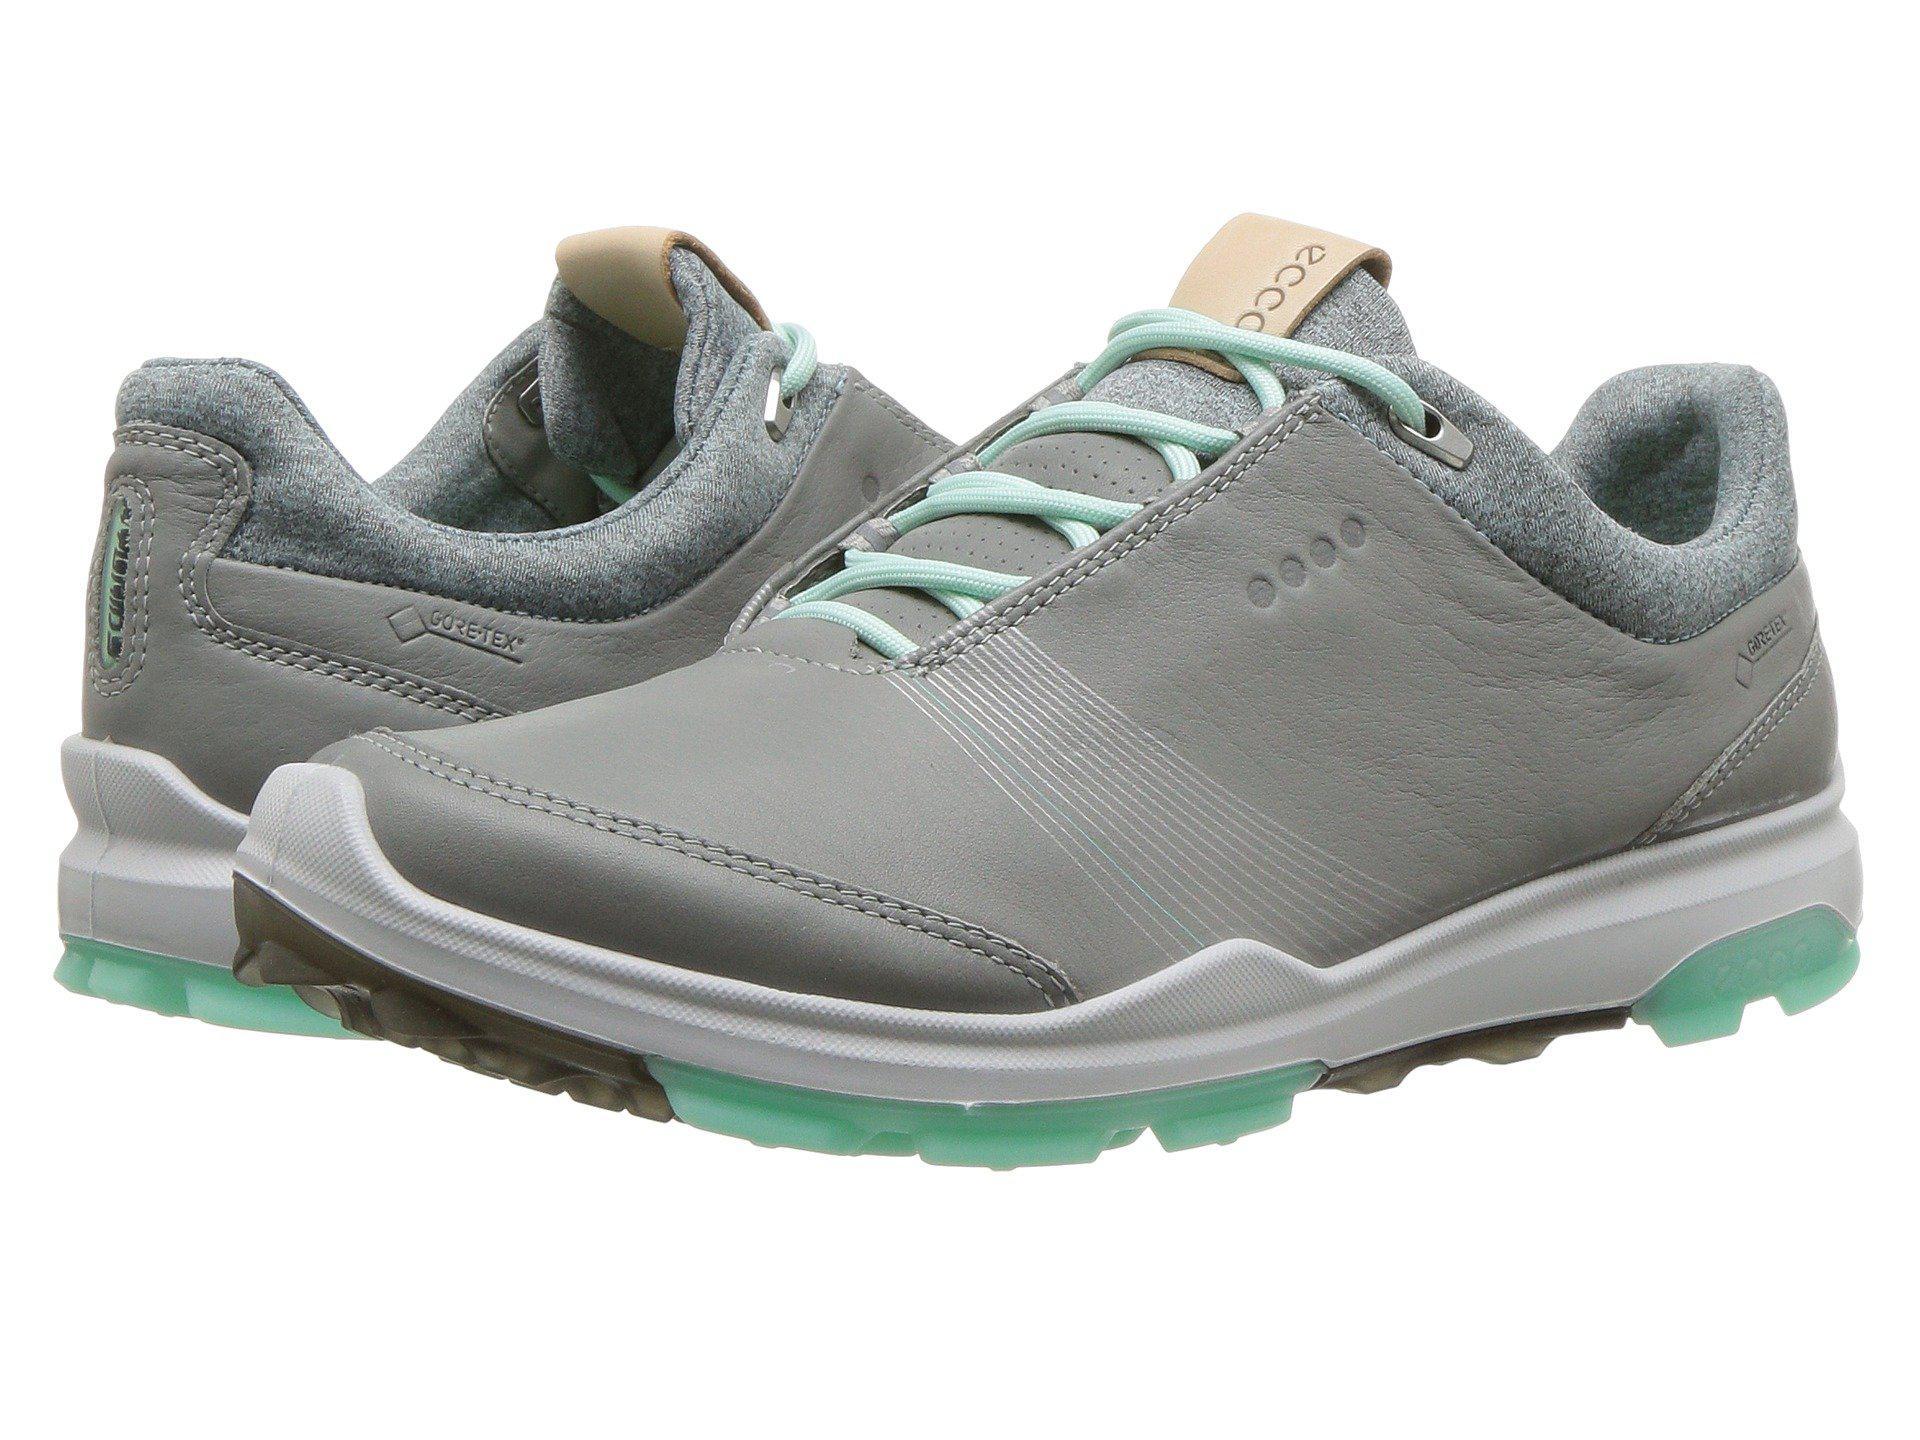 d0df348f6add53 Lyst - Ecco Biom Hybrid 3 Gtx (white teaberry) Women s Golf Shoes in ...